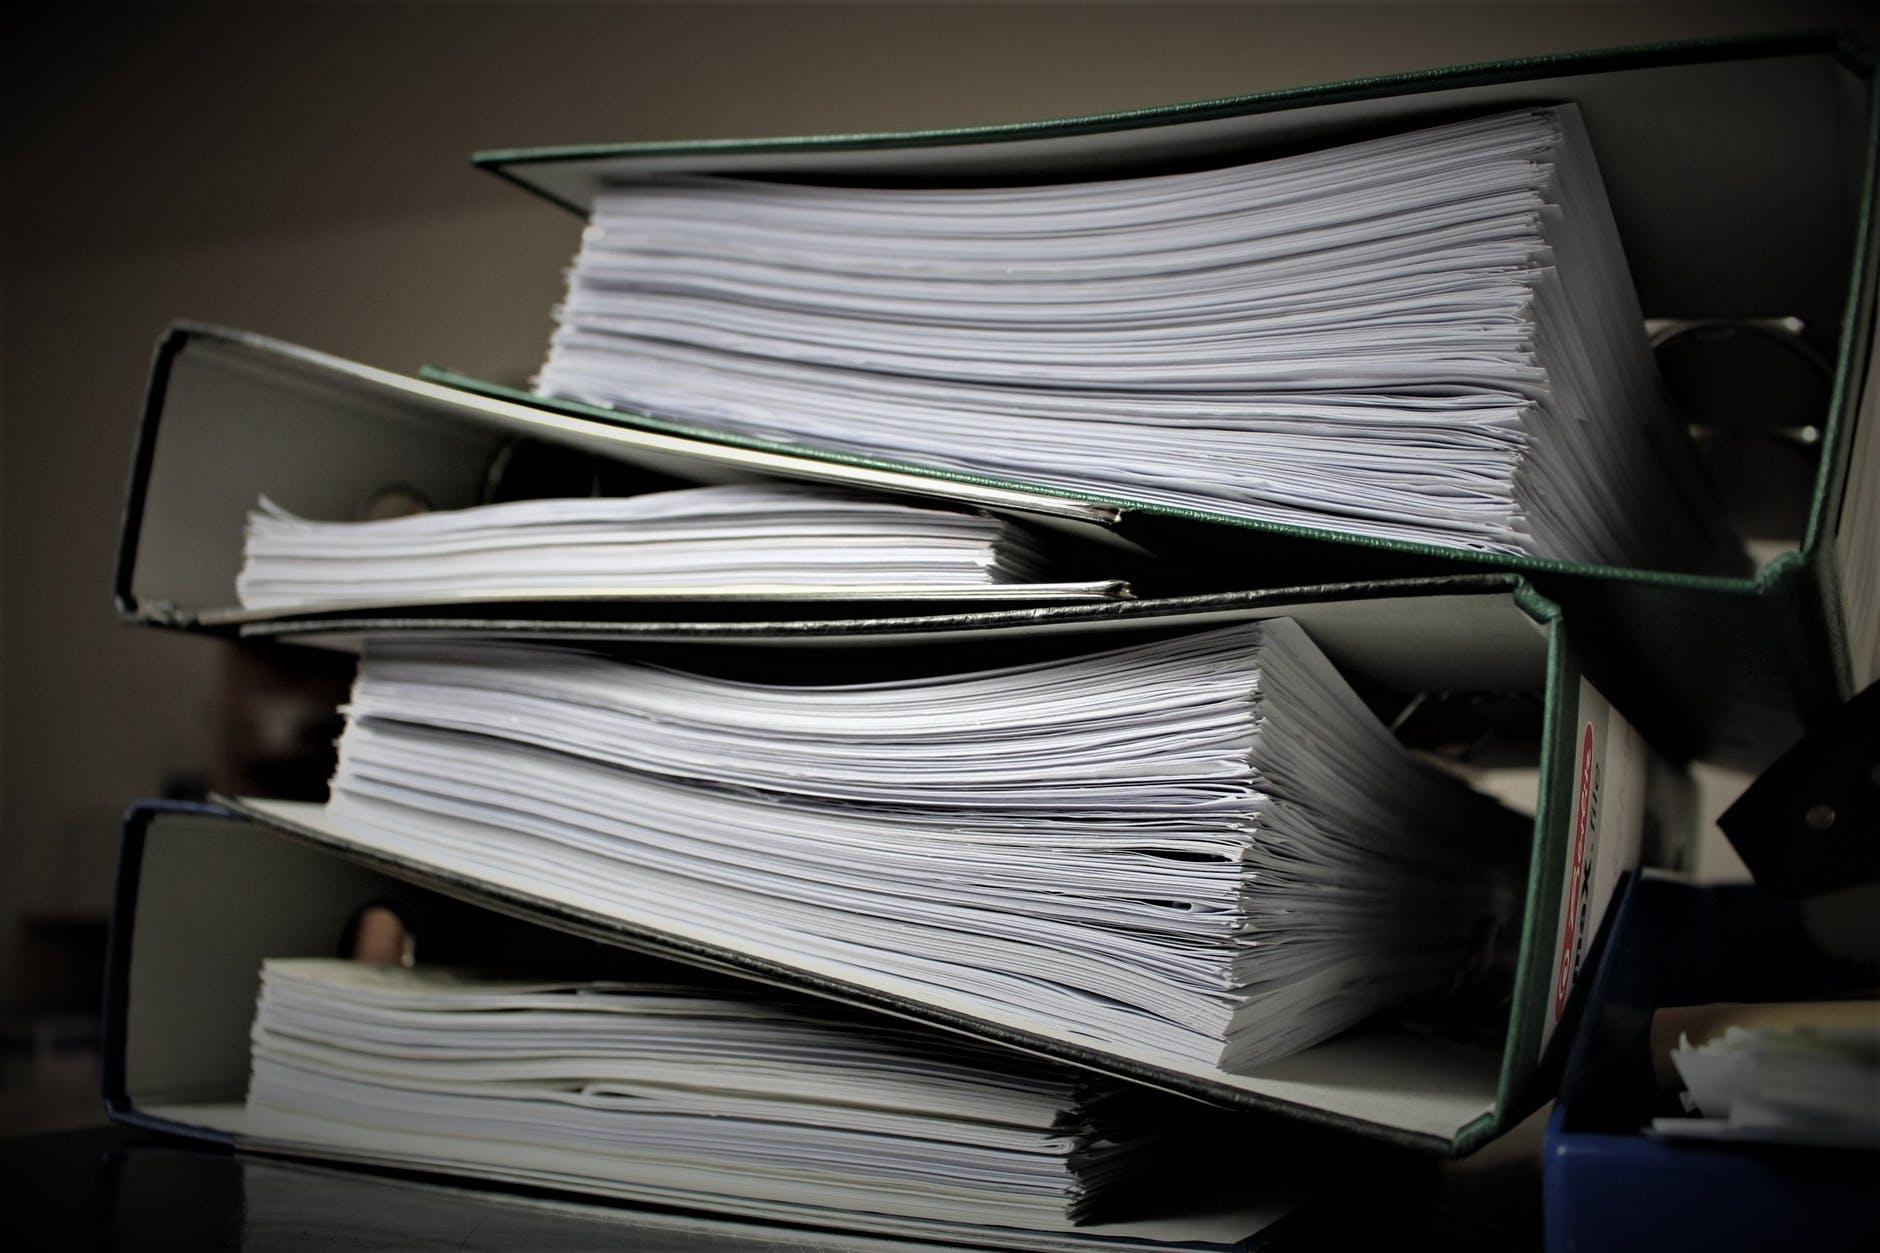 Autónomo ¿cuánto tiempo tienes que guardar tus documentos?